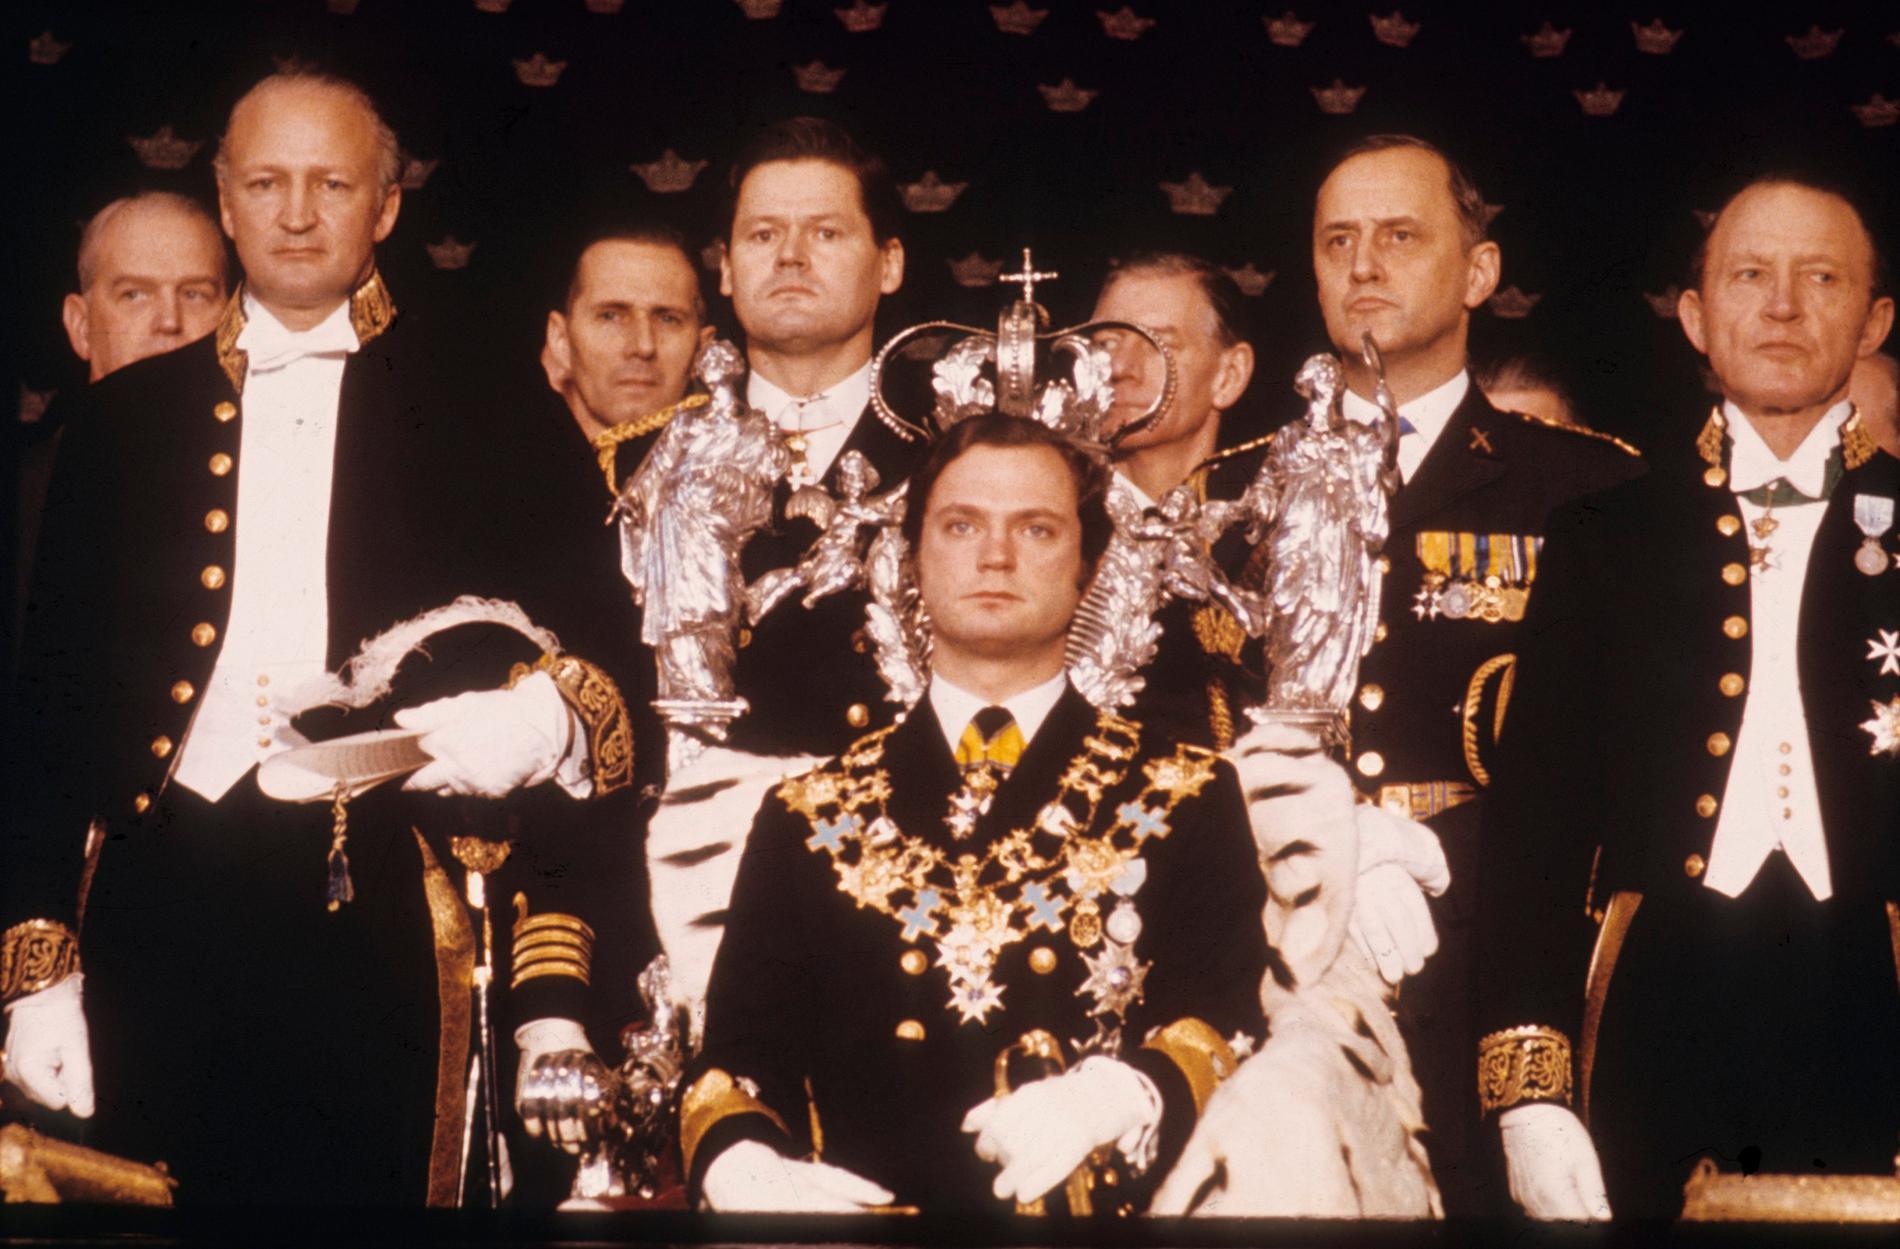 Kung Carl XVI Gustaf håller sitt trontal för representanter för Sveriges folk i rikssalen på Stockholms slott den 19 september 1973. Pressbild